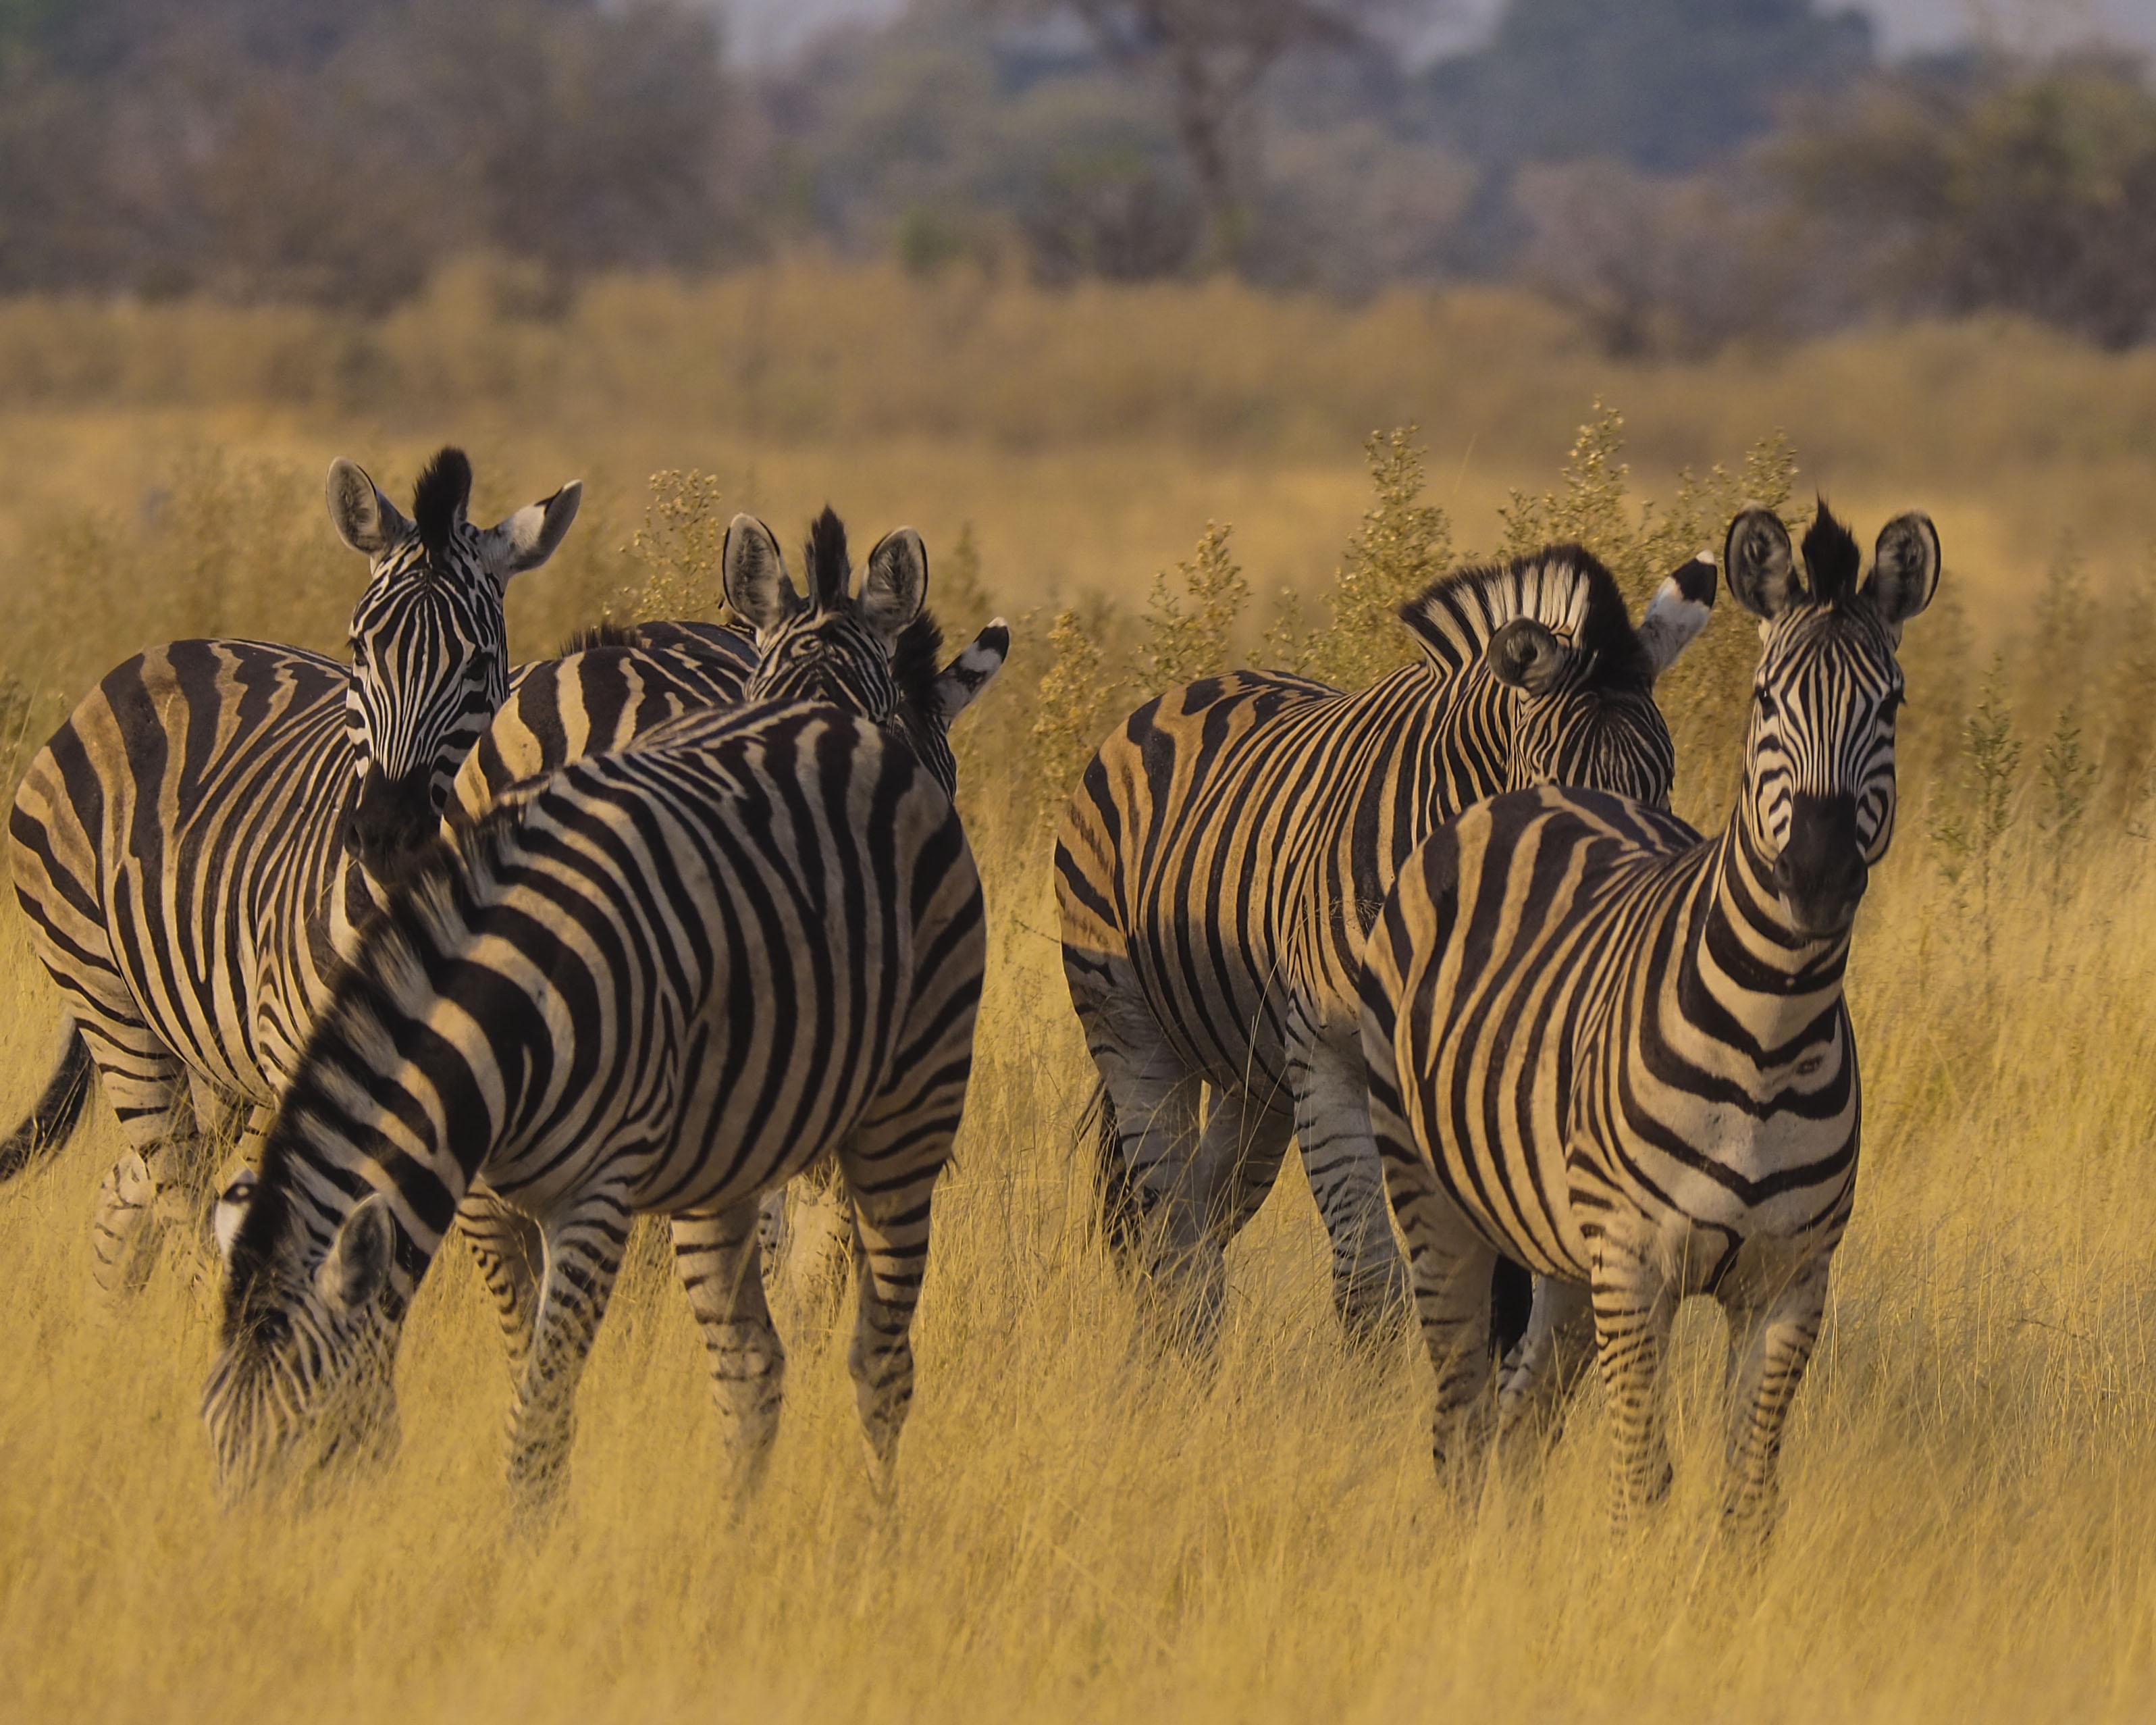 zebras in tall grass